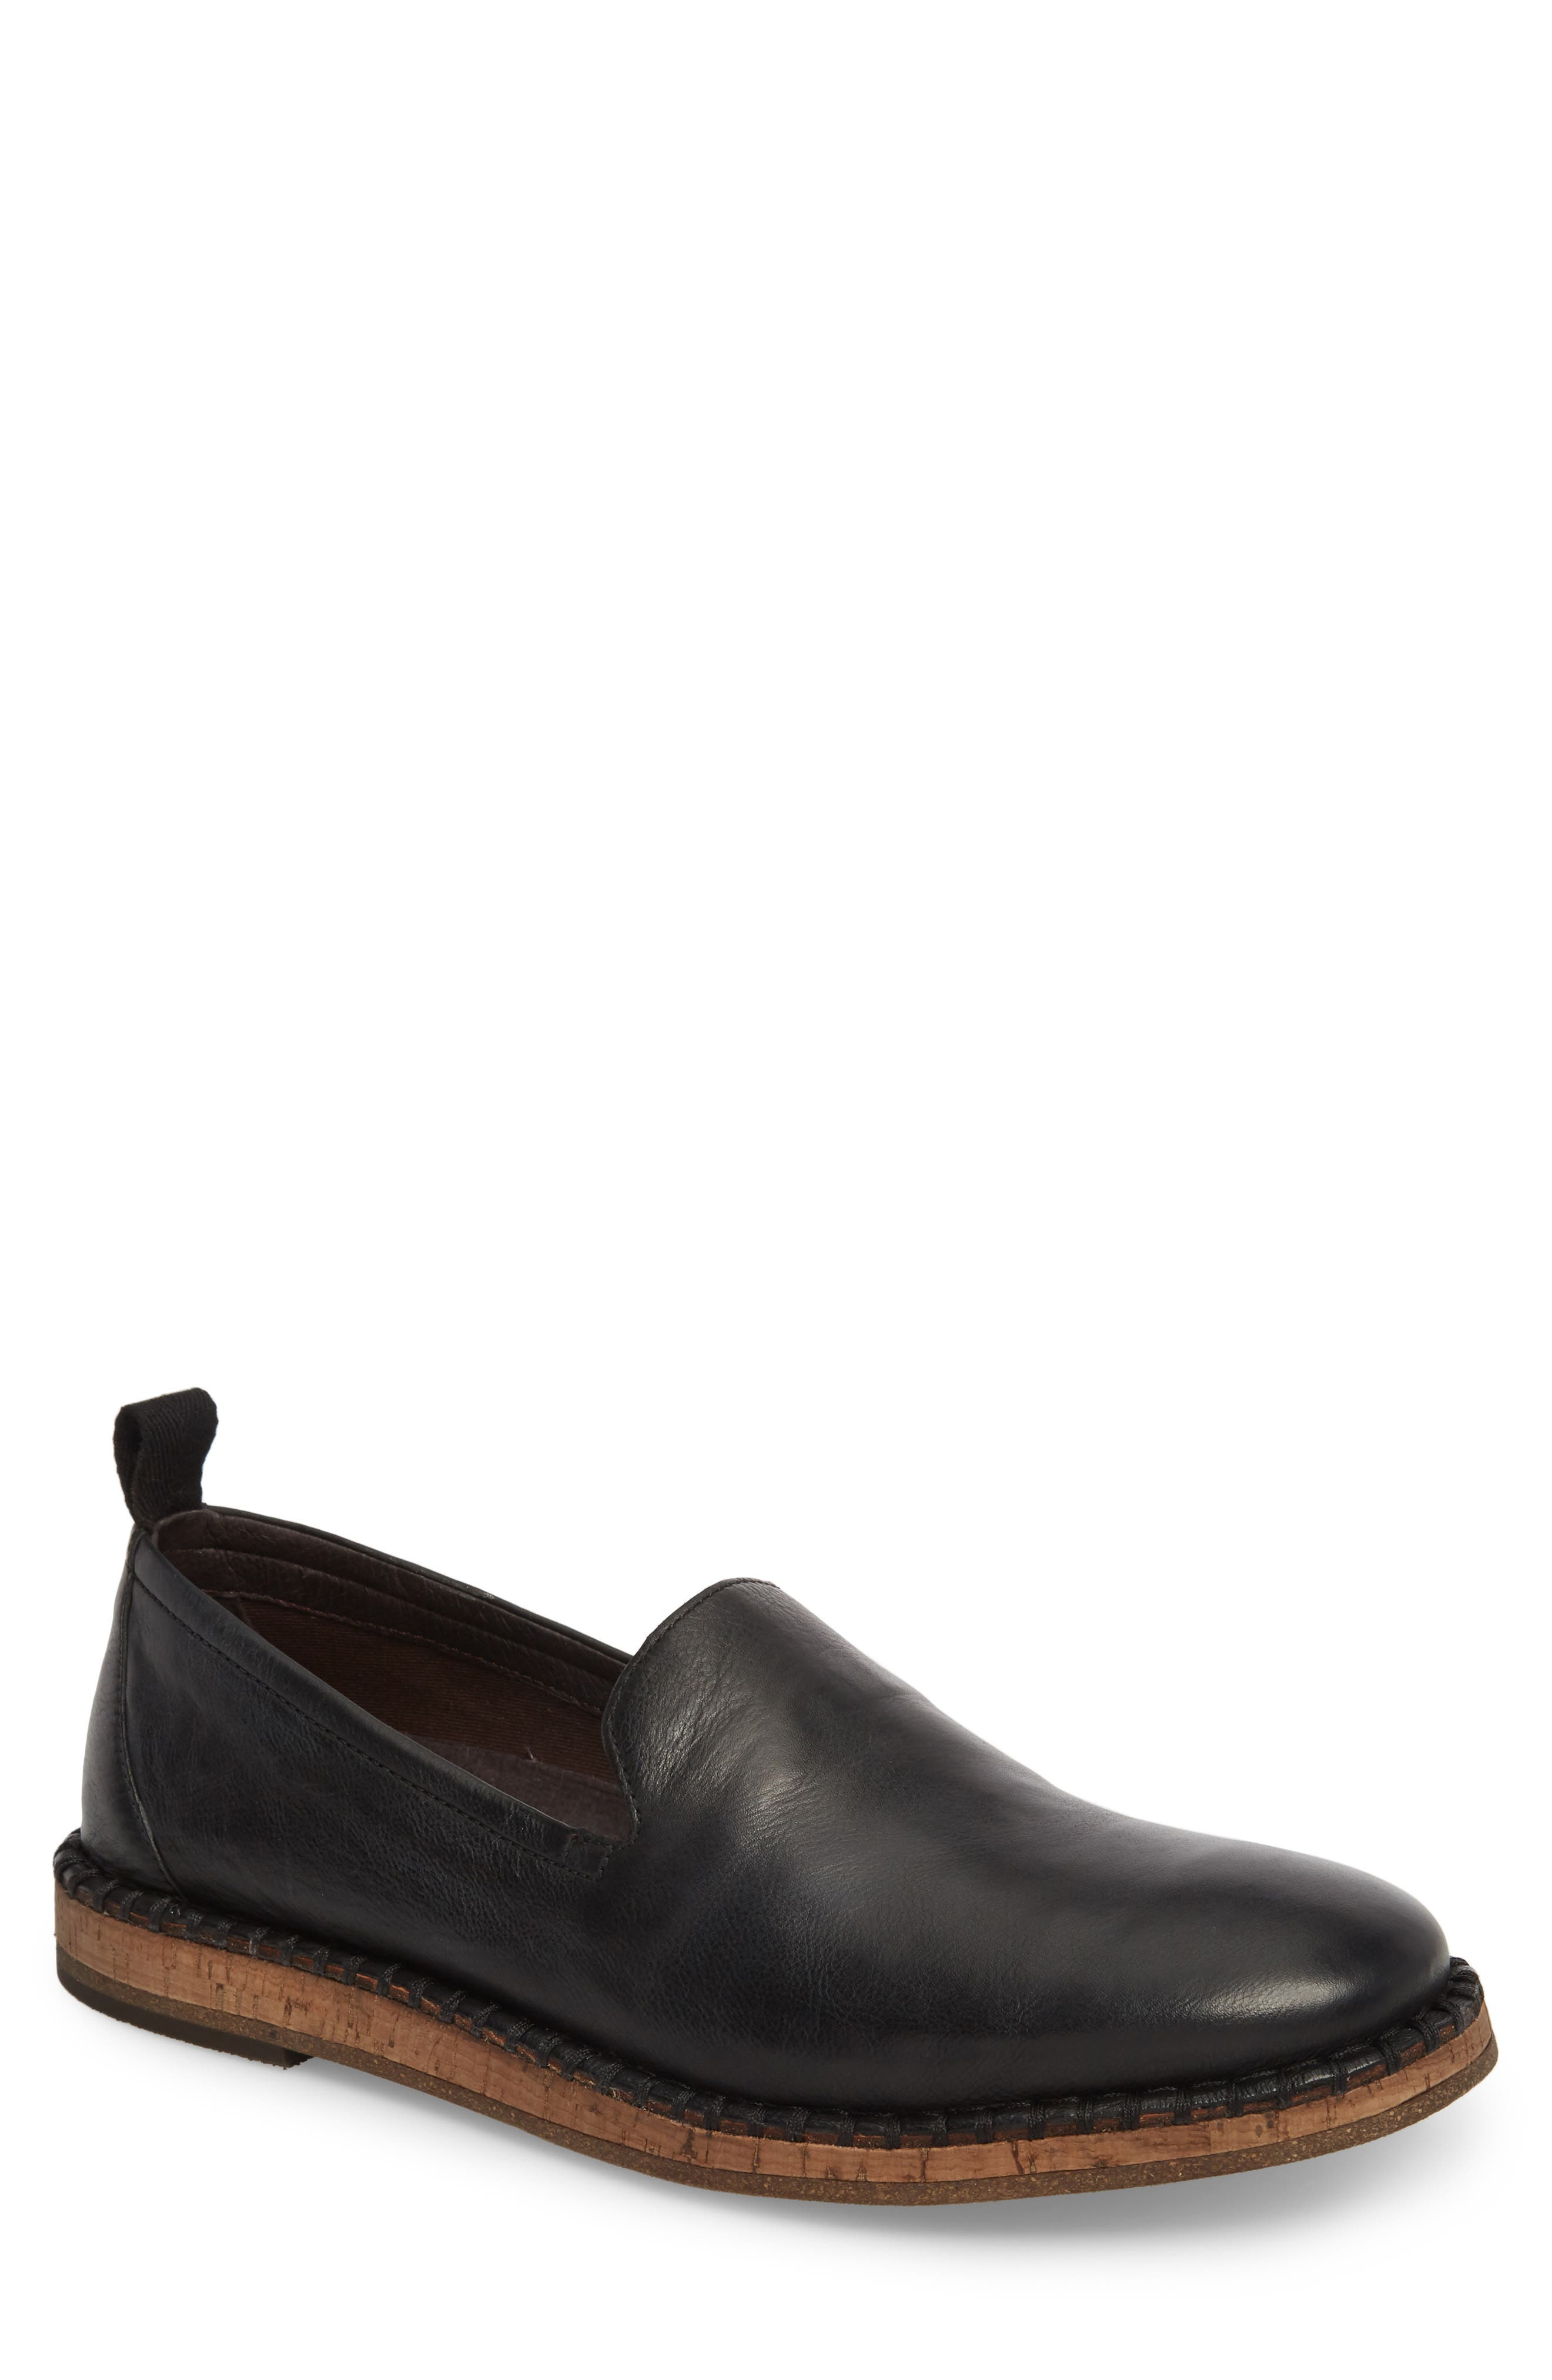 John Varvatos Zander Loafer,                         Main,                         color, Black/Black